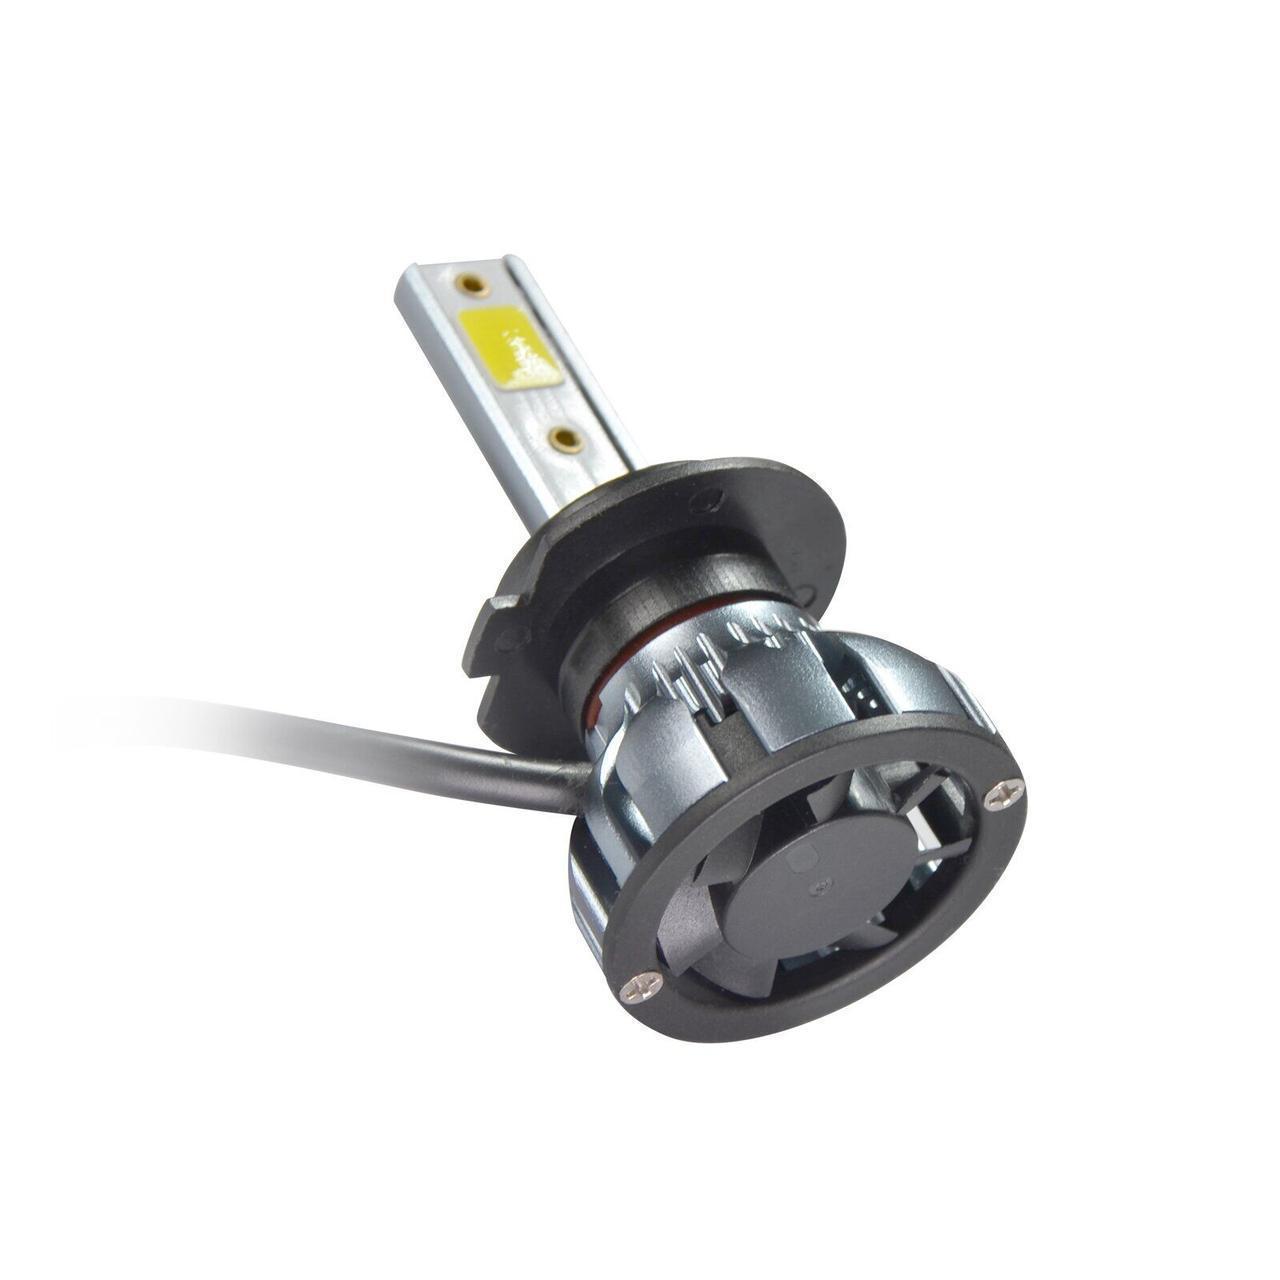 Светодиодные LED лампы MLux Grey Line H11 (H8, H9), 26 Вт, 6000°К